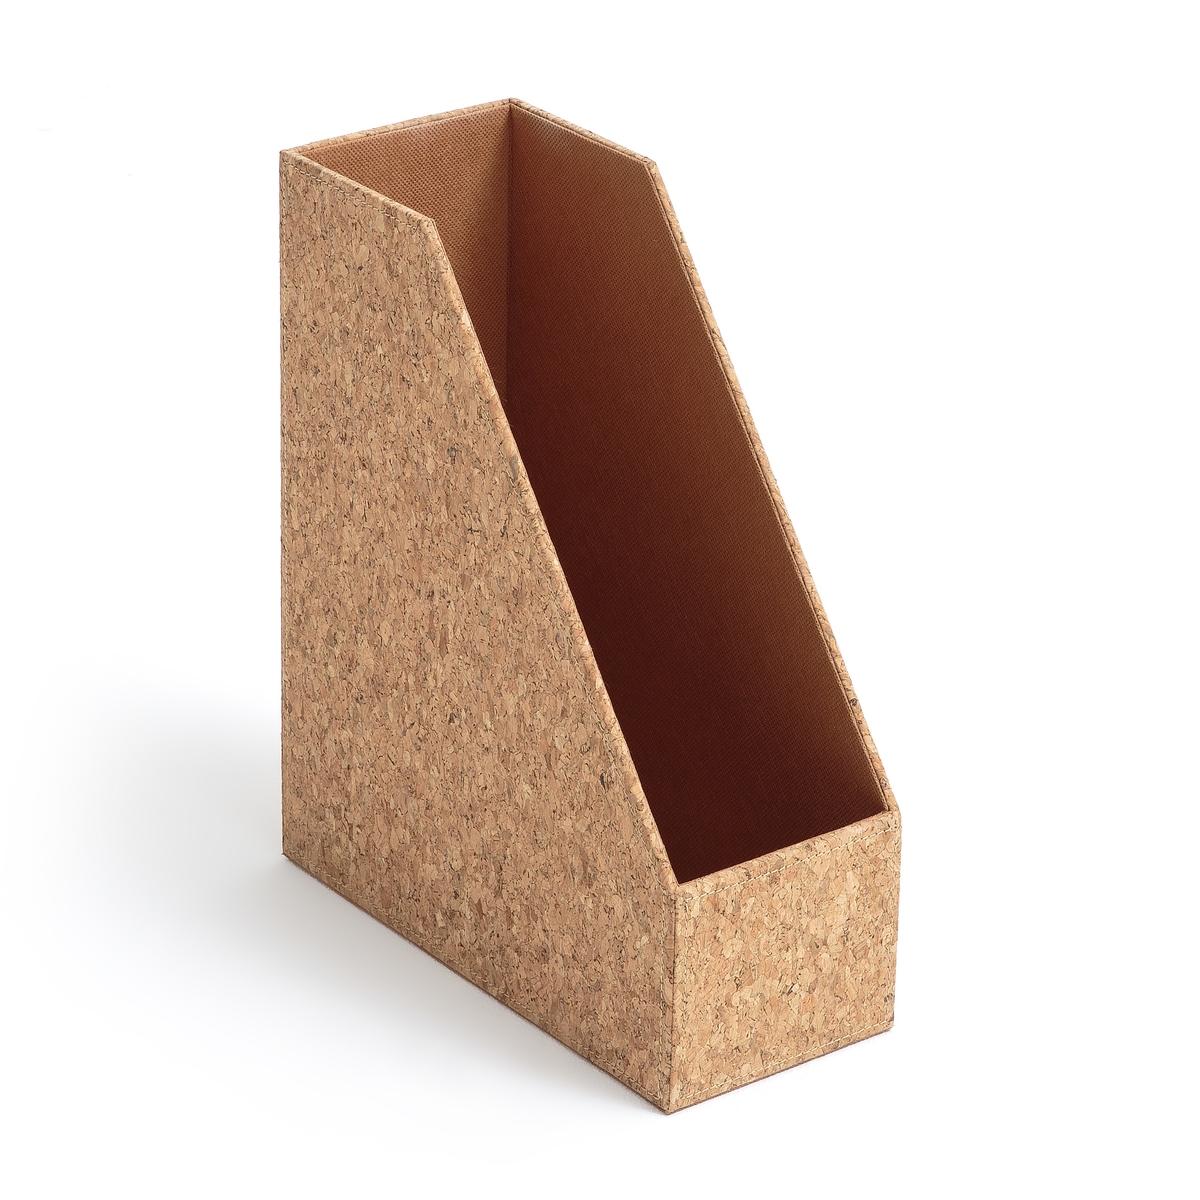 Папка из пробкиОписание:Папка из пробки . Из натурального материала, очень удобна для размещения ваших документов .Описание папки: Папка из пробки каркас из картонаПодкладка из полиэстера Размеры :H30 x 25 x 11 см Расцветка : Натуральная Размеры и вес упаковки :27 x 13,5 x 33 см 1,3 кг<br><br>Цвет: серо-бежевый